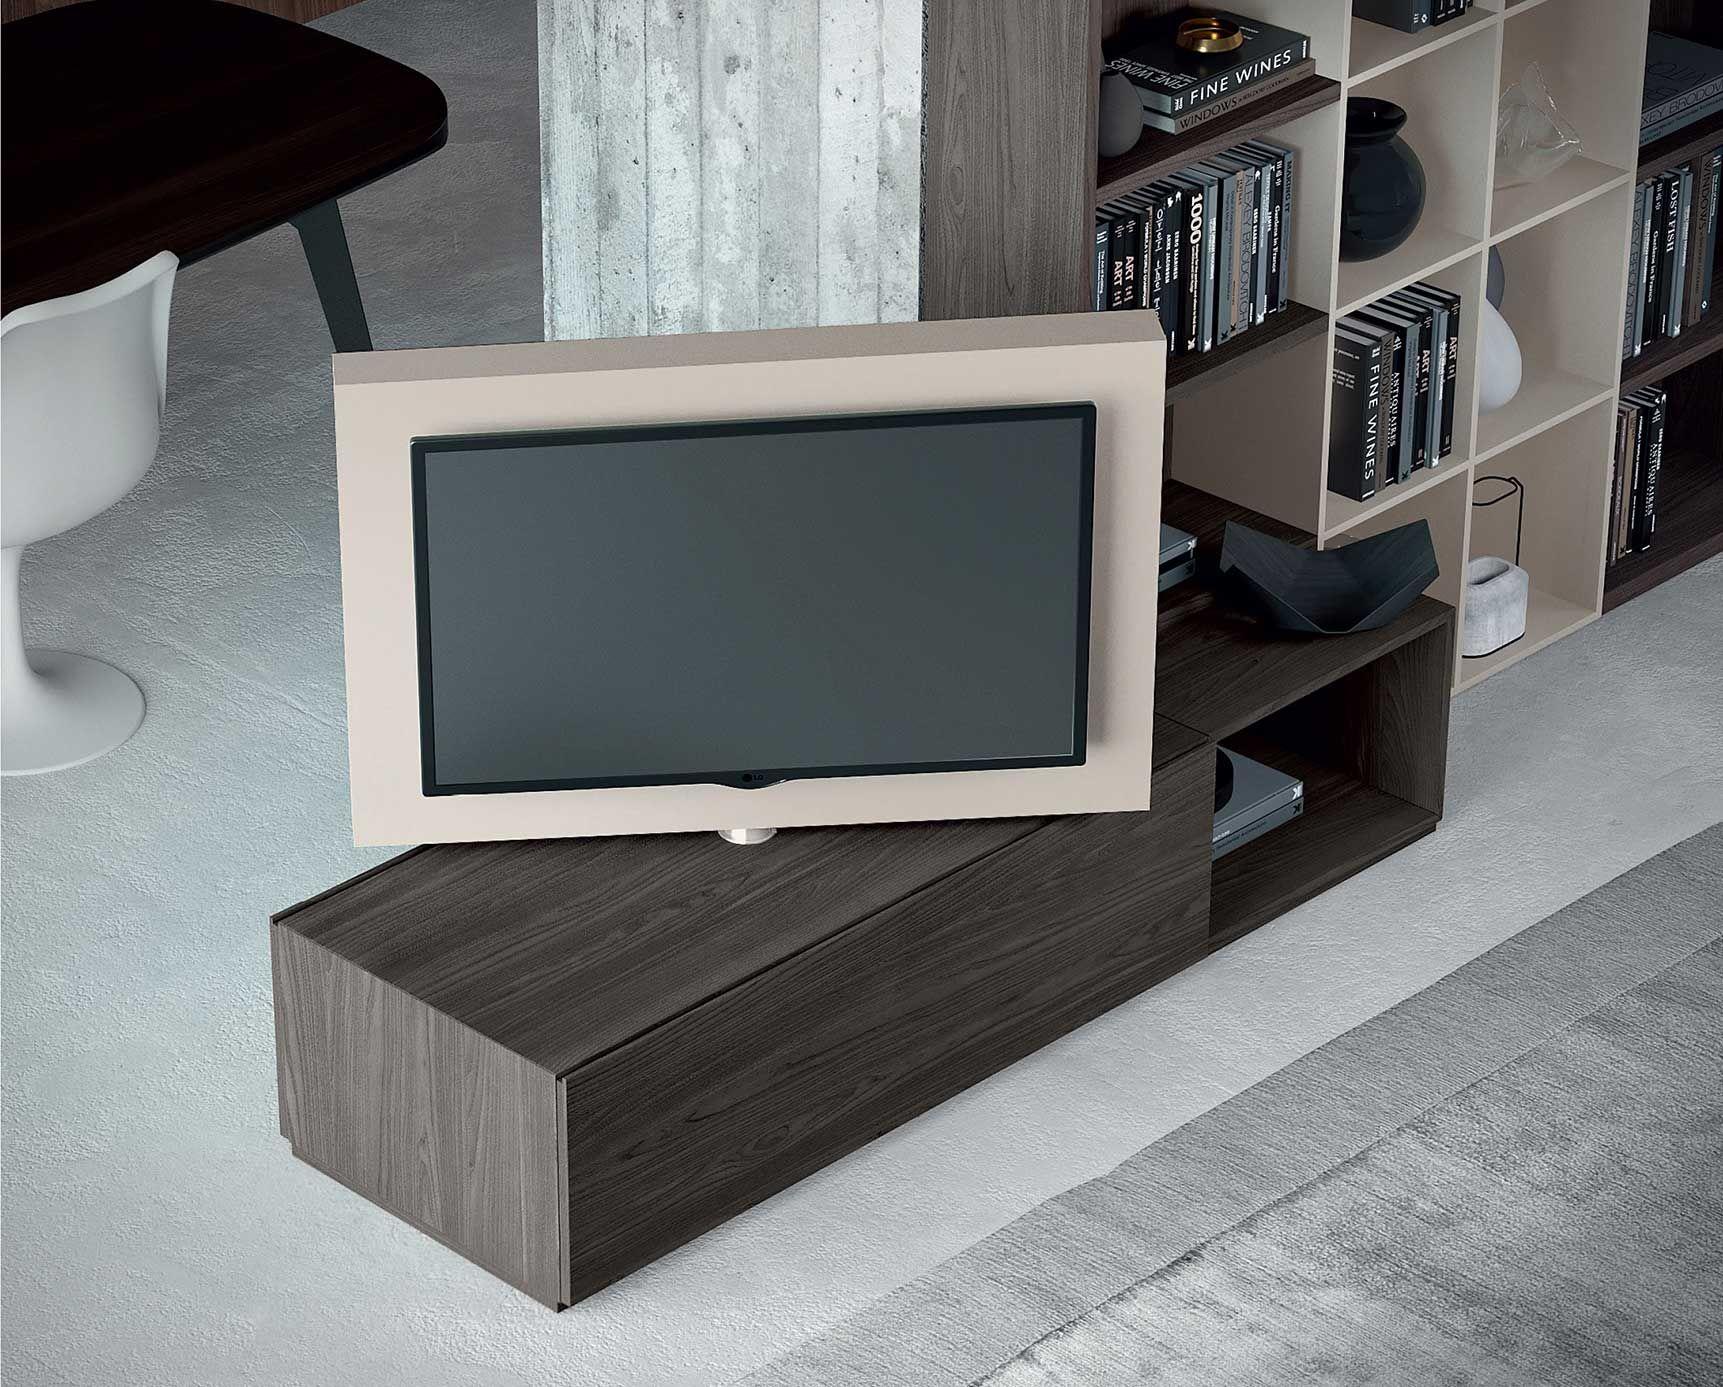 Base Porta Tv Girevole.Porta Tv Girevole 360 Dettaglio Prodotto Colonne Nel